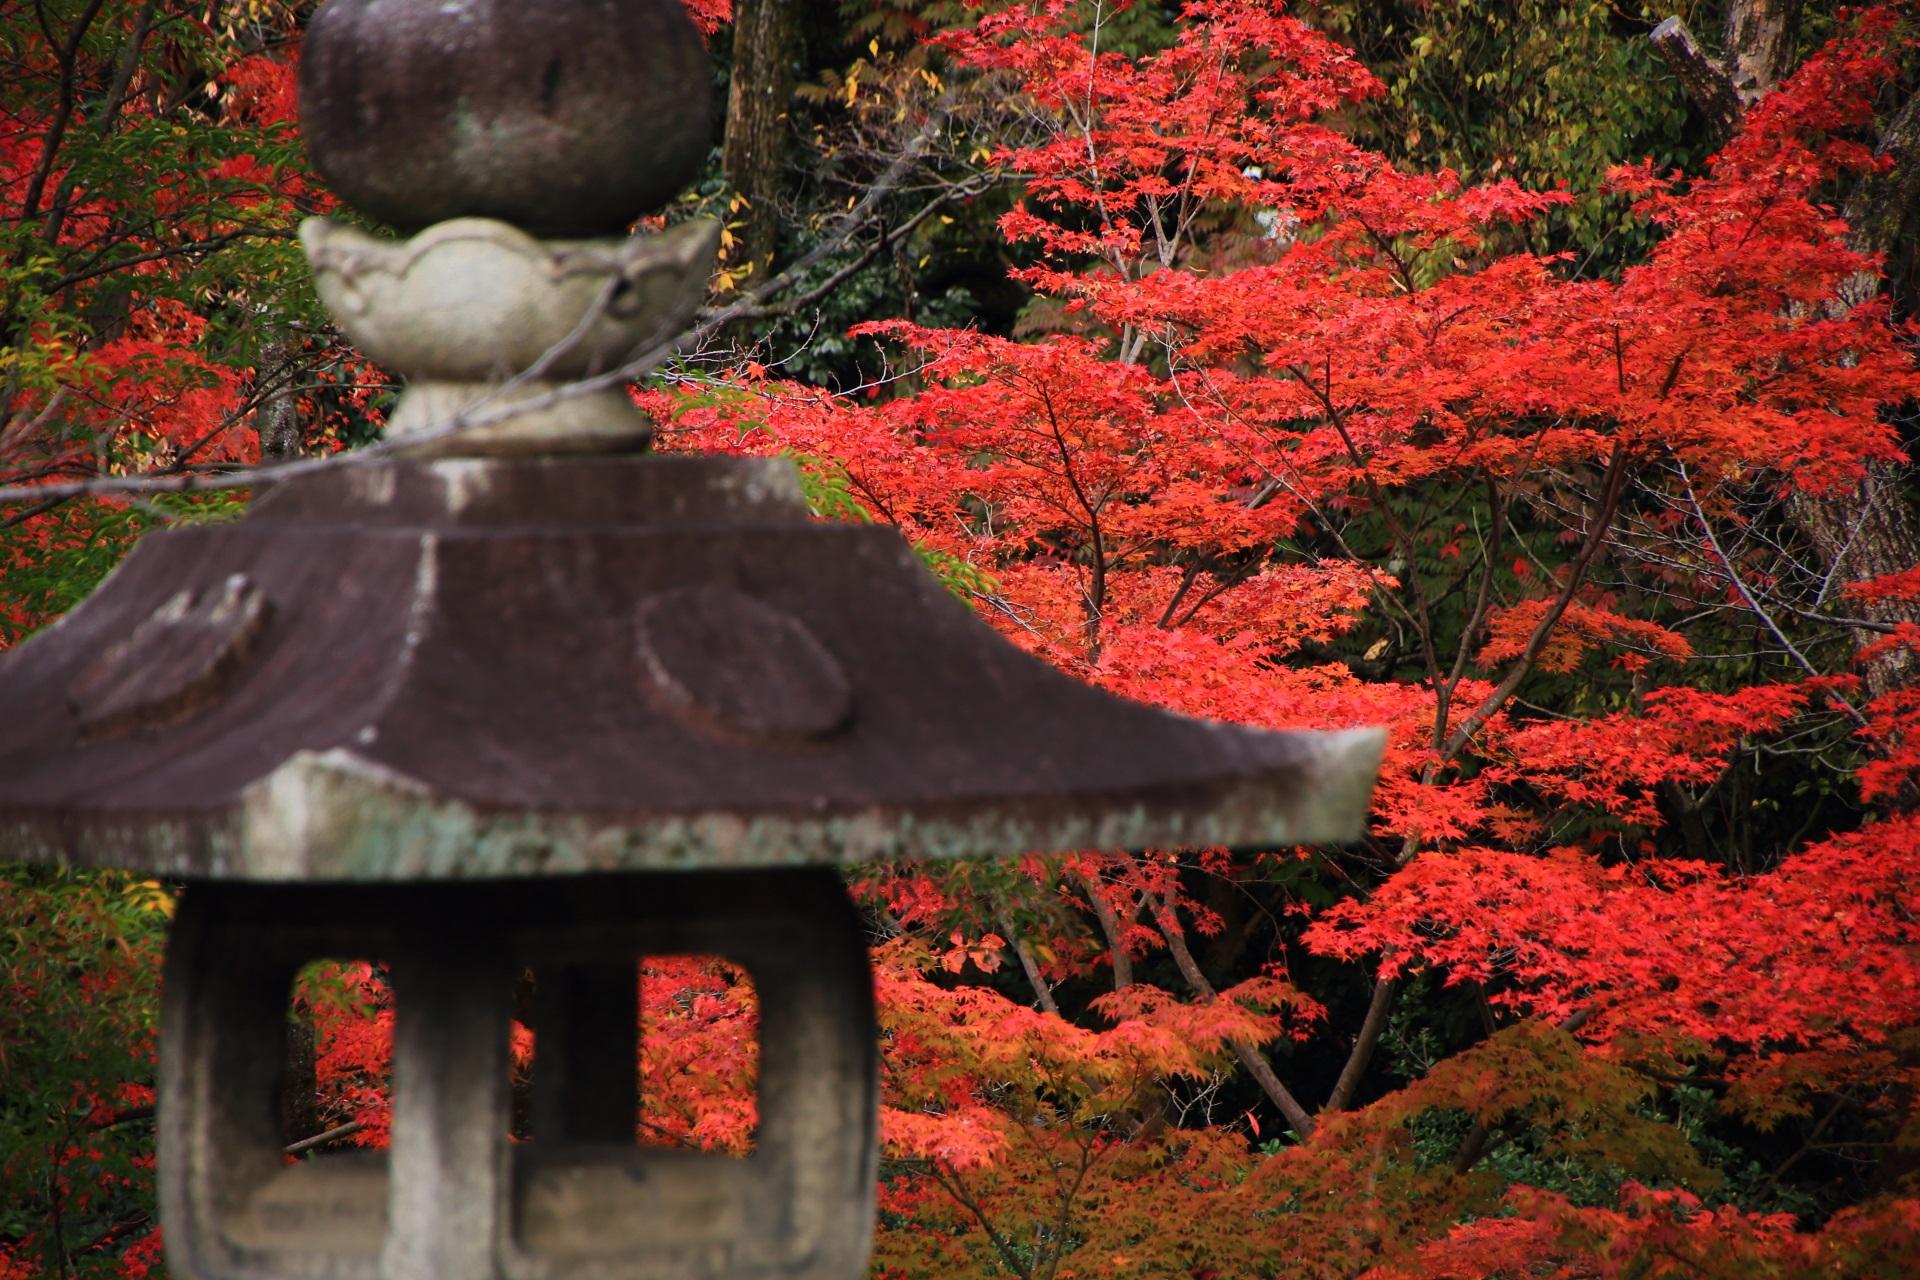 大谷本廟の燈籠と後ろで華やぐ鮮やかな紅葉